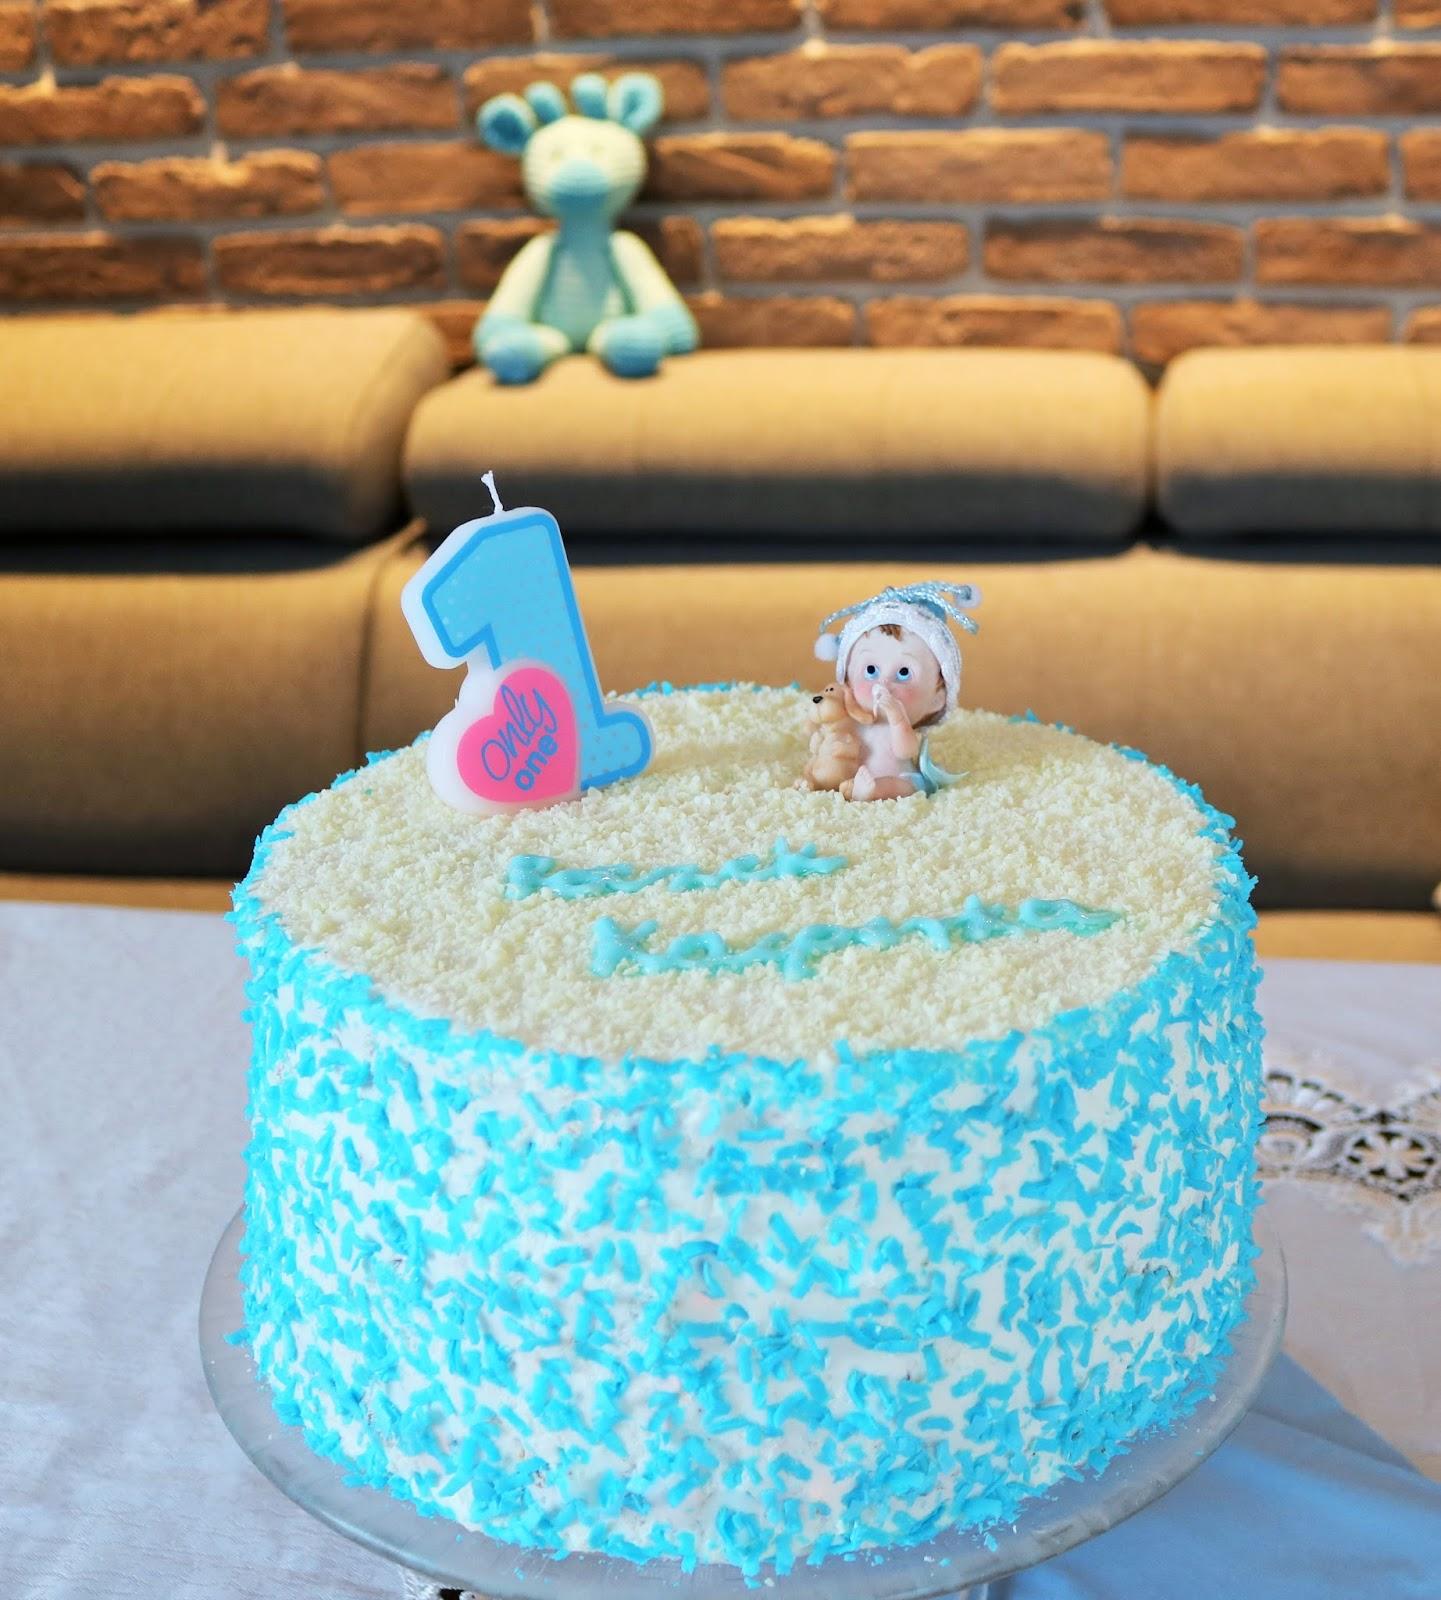 Jak Zrobić Tort Urodzinowy Dla Dziecka Moje Idealia Blog